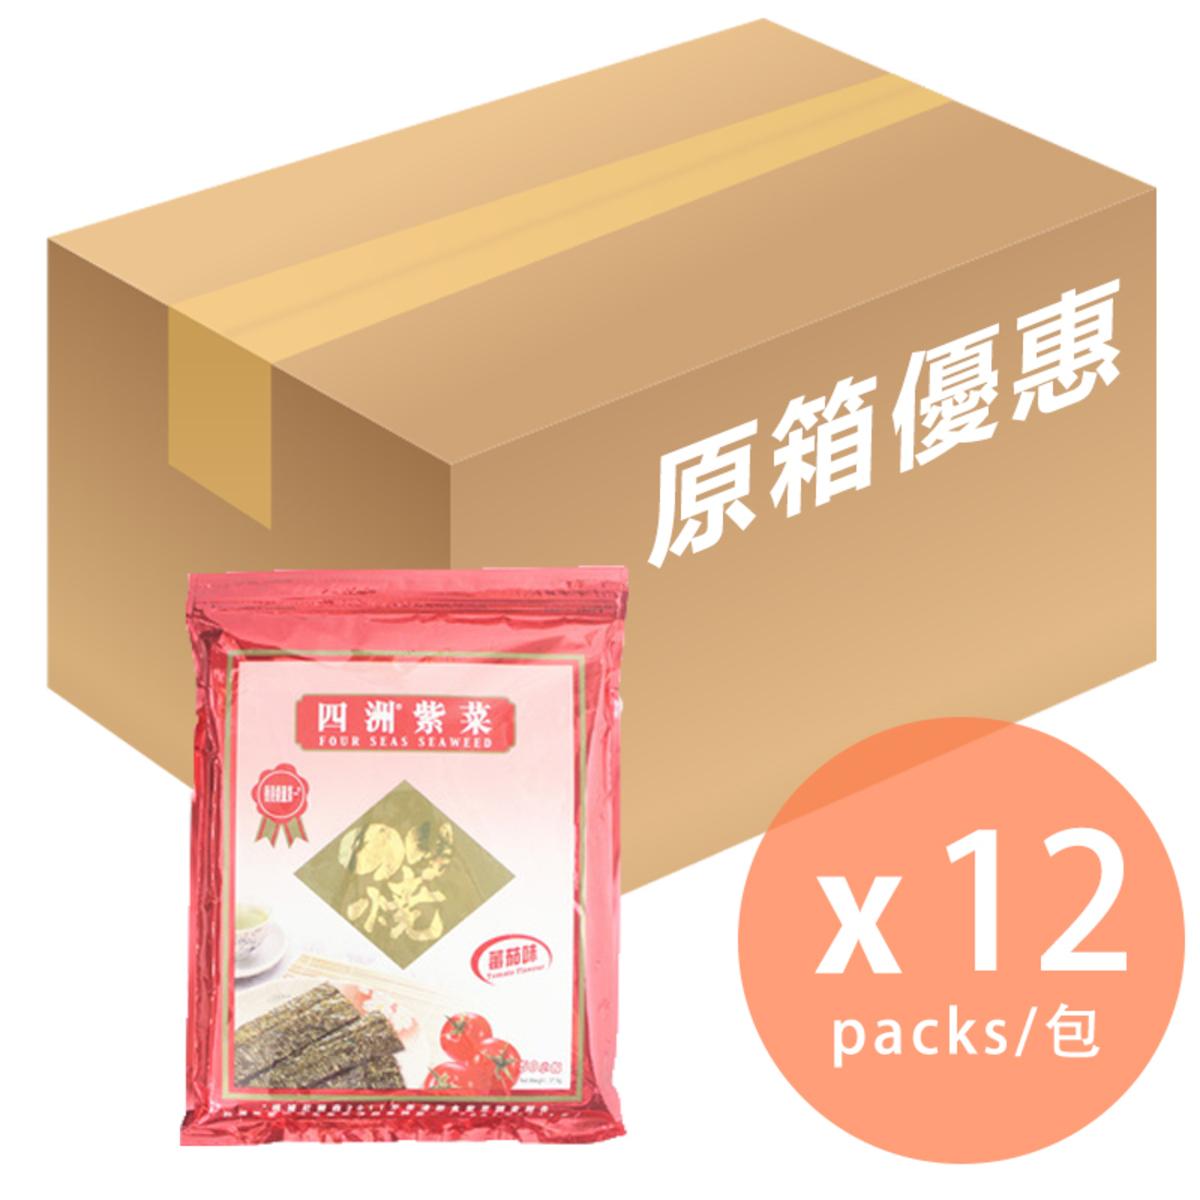 [Full Case]Tomato Seaweed 50 packs x 12 (4892616019677_12)